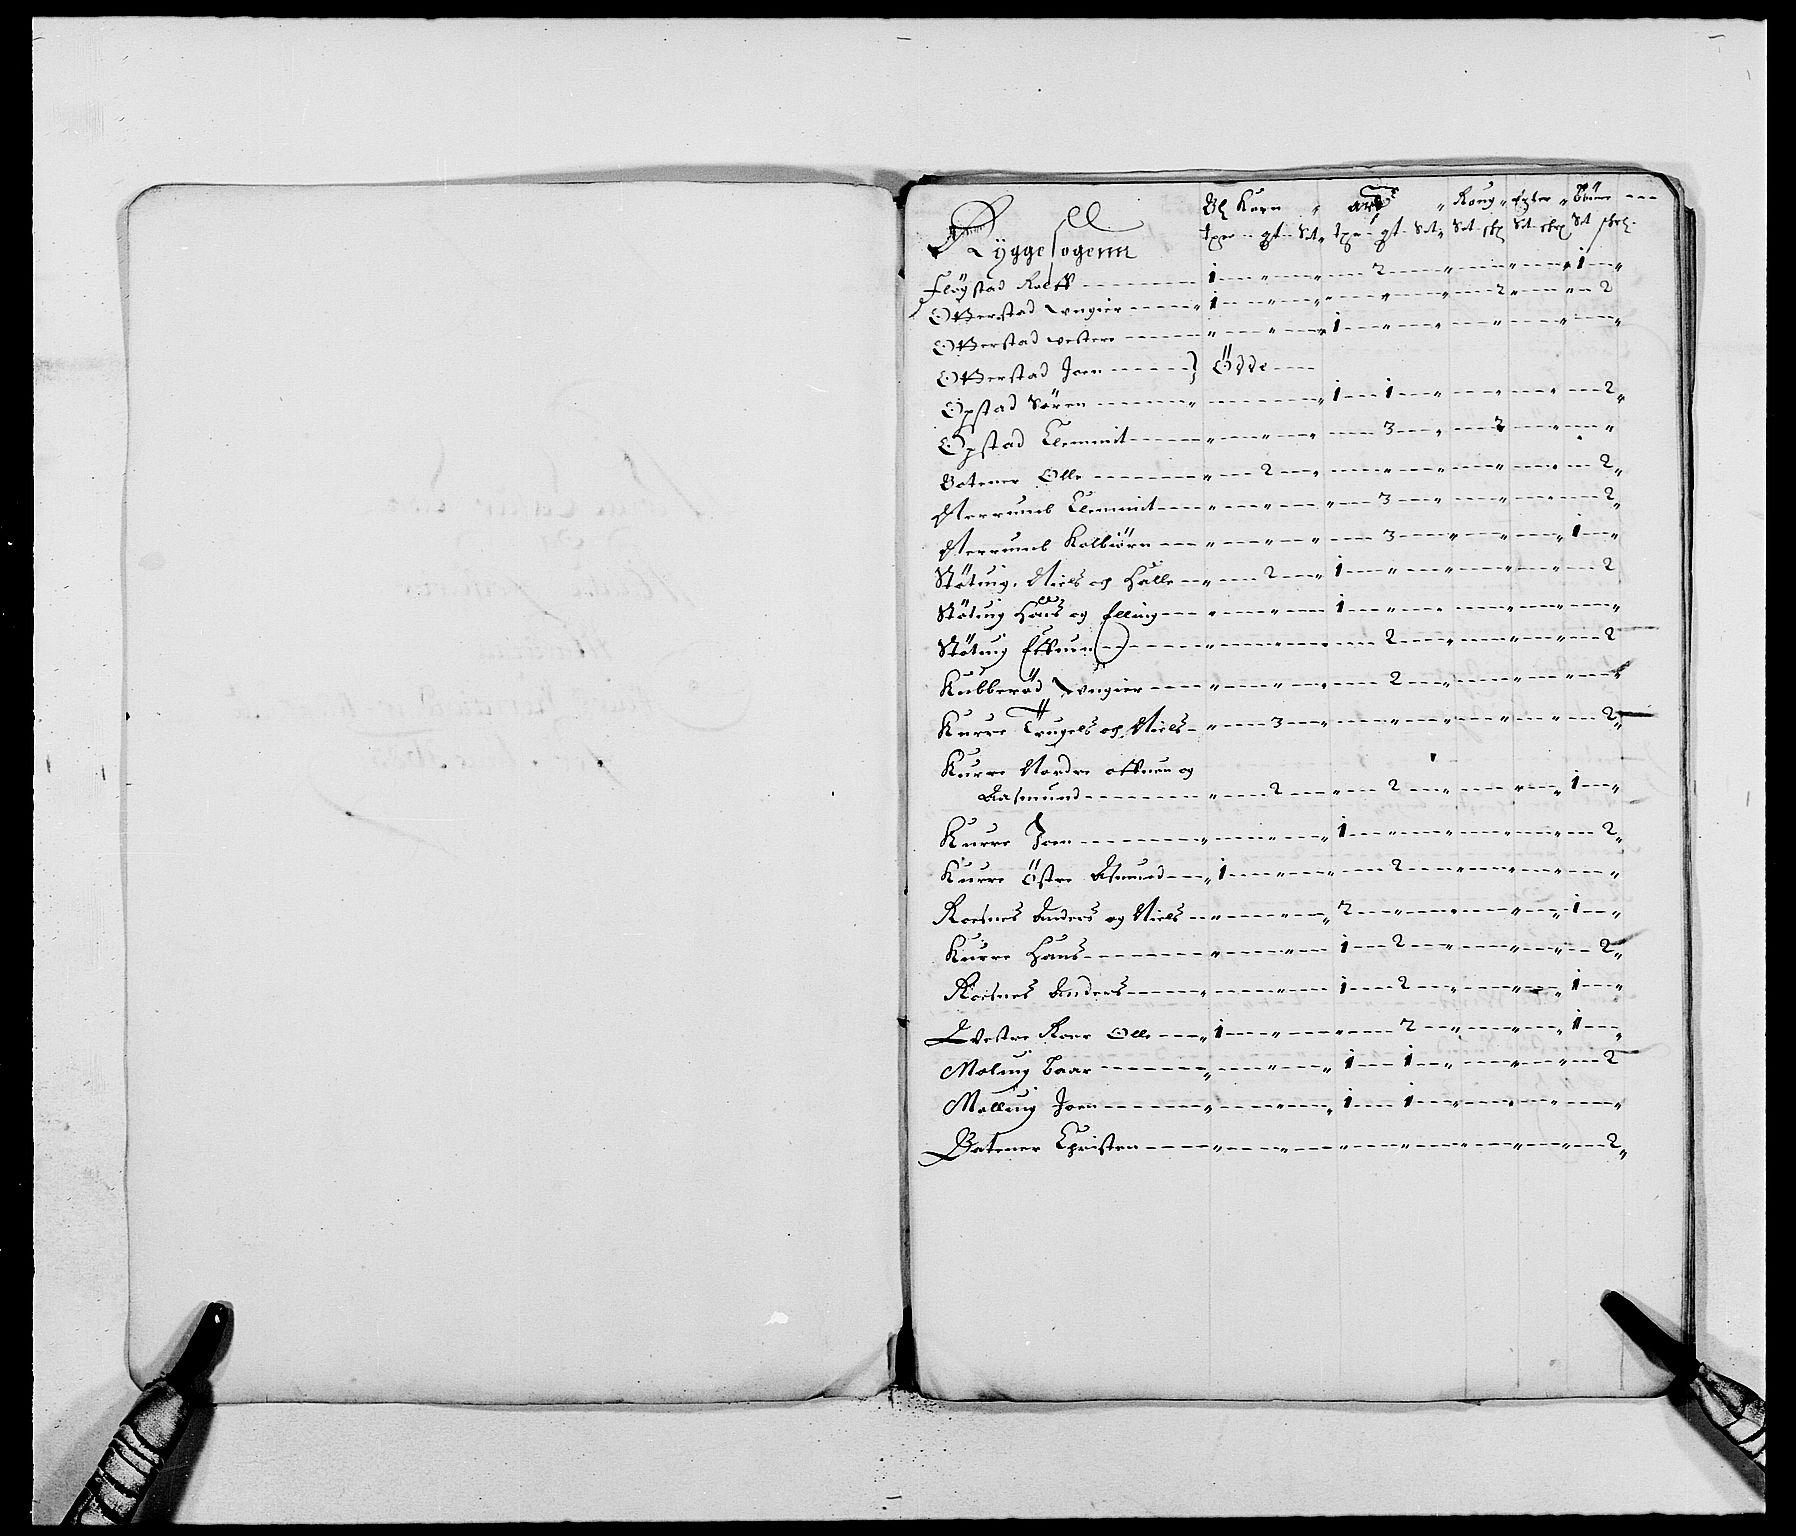 RA, Rentekammeret inntil 1814, Reviderte regnskaper, Fogderegnskap, R02/L0103: Fogderegnskap Moss og Verne kloster, 1682-1684, s. 364